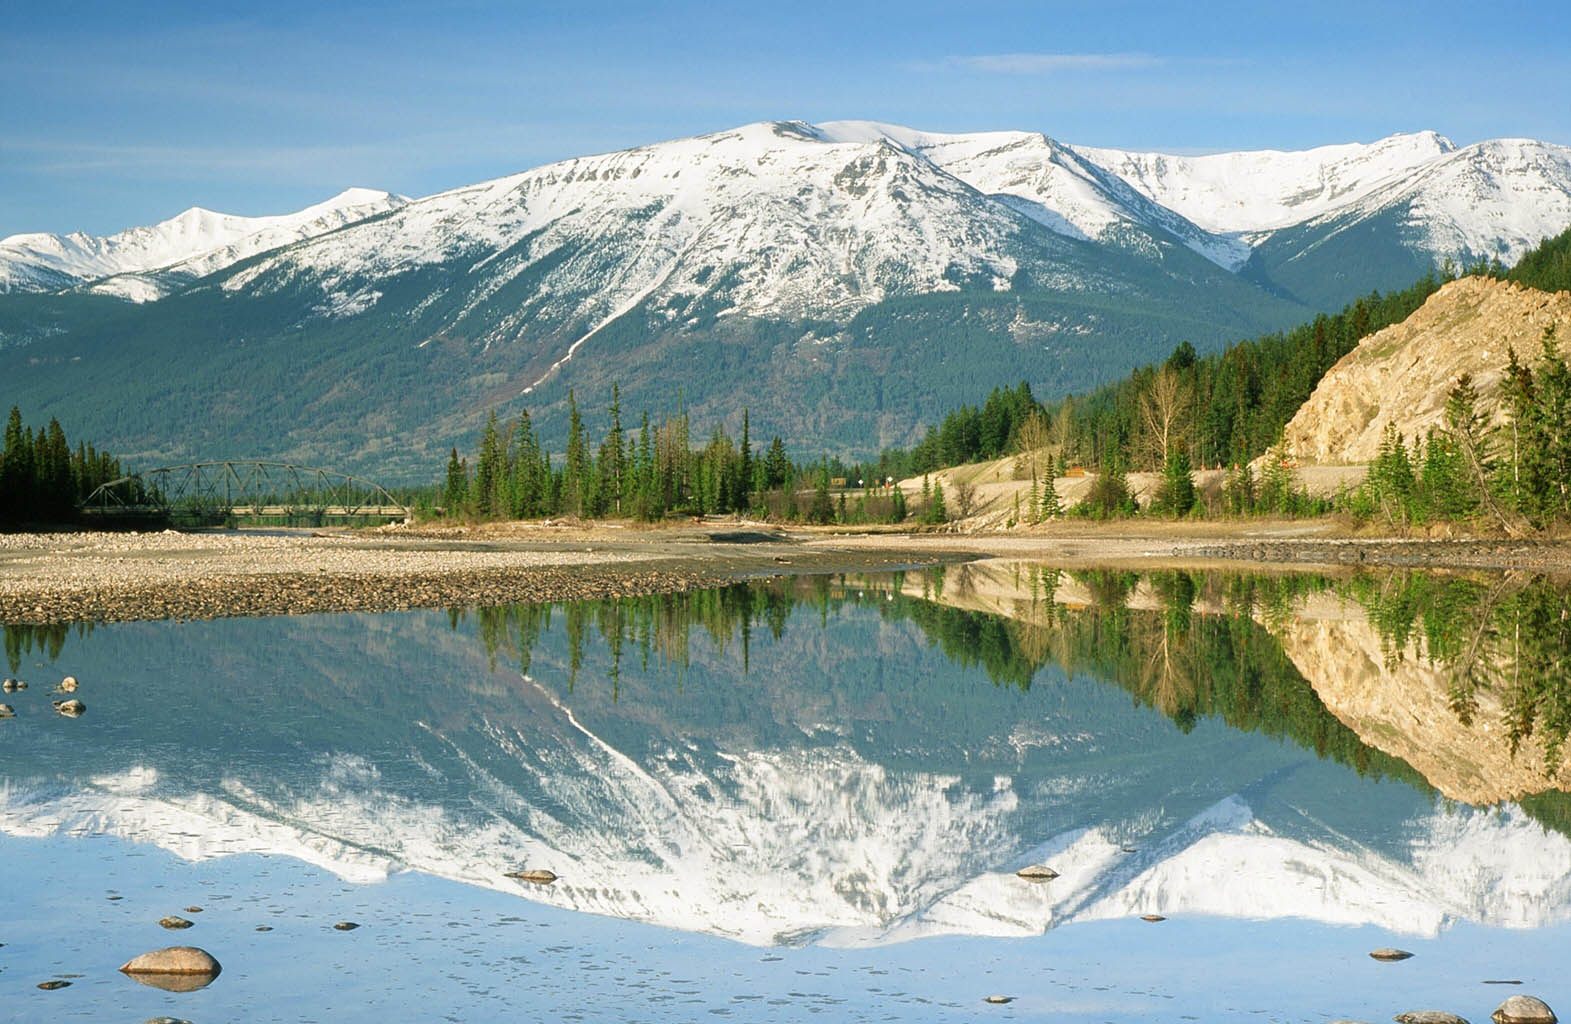 Athabasca Dating - Athabasca singles - Athabasca chat at